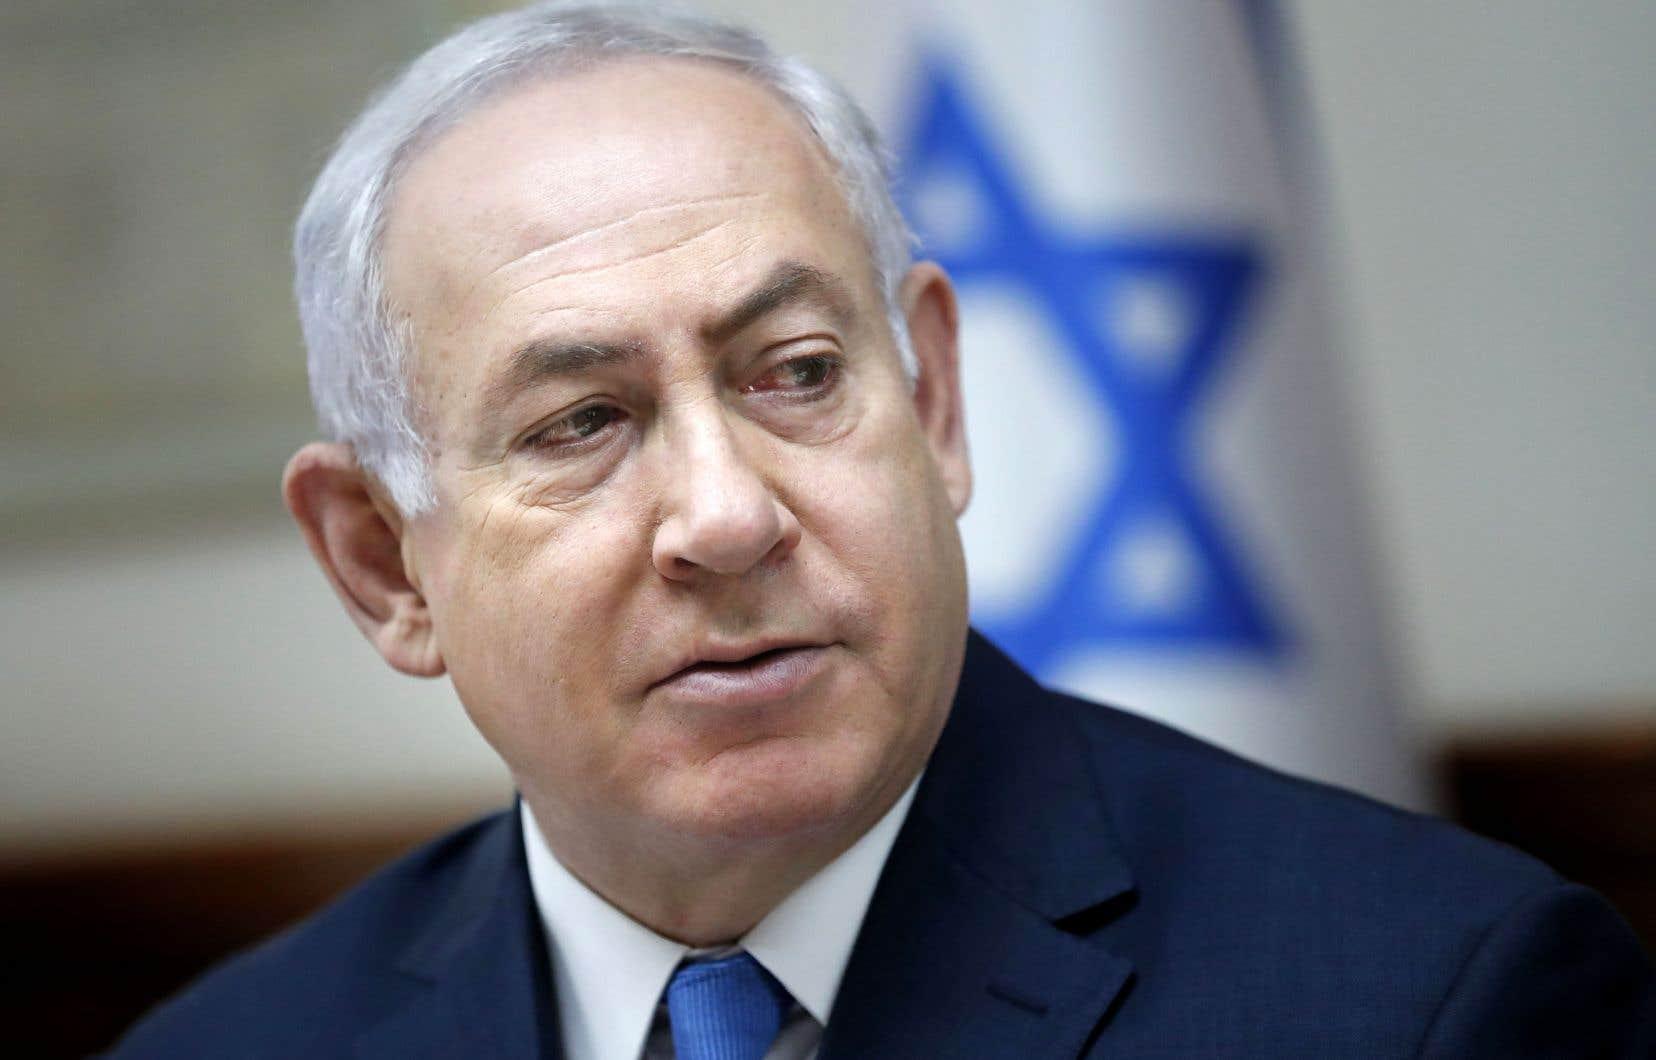 12:46La police israélienne recommande l'inculpation de Netanyahu